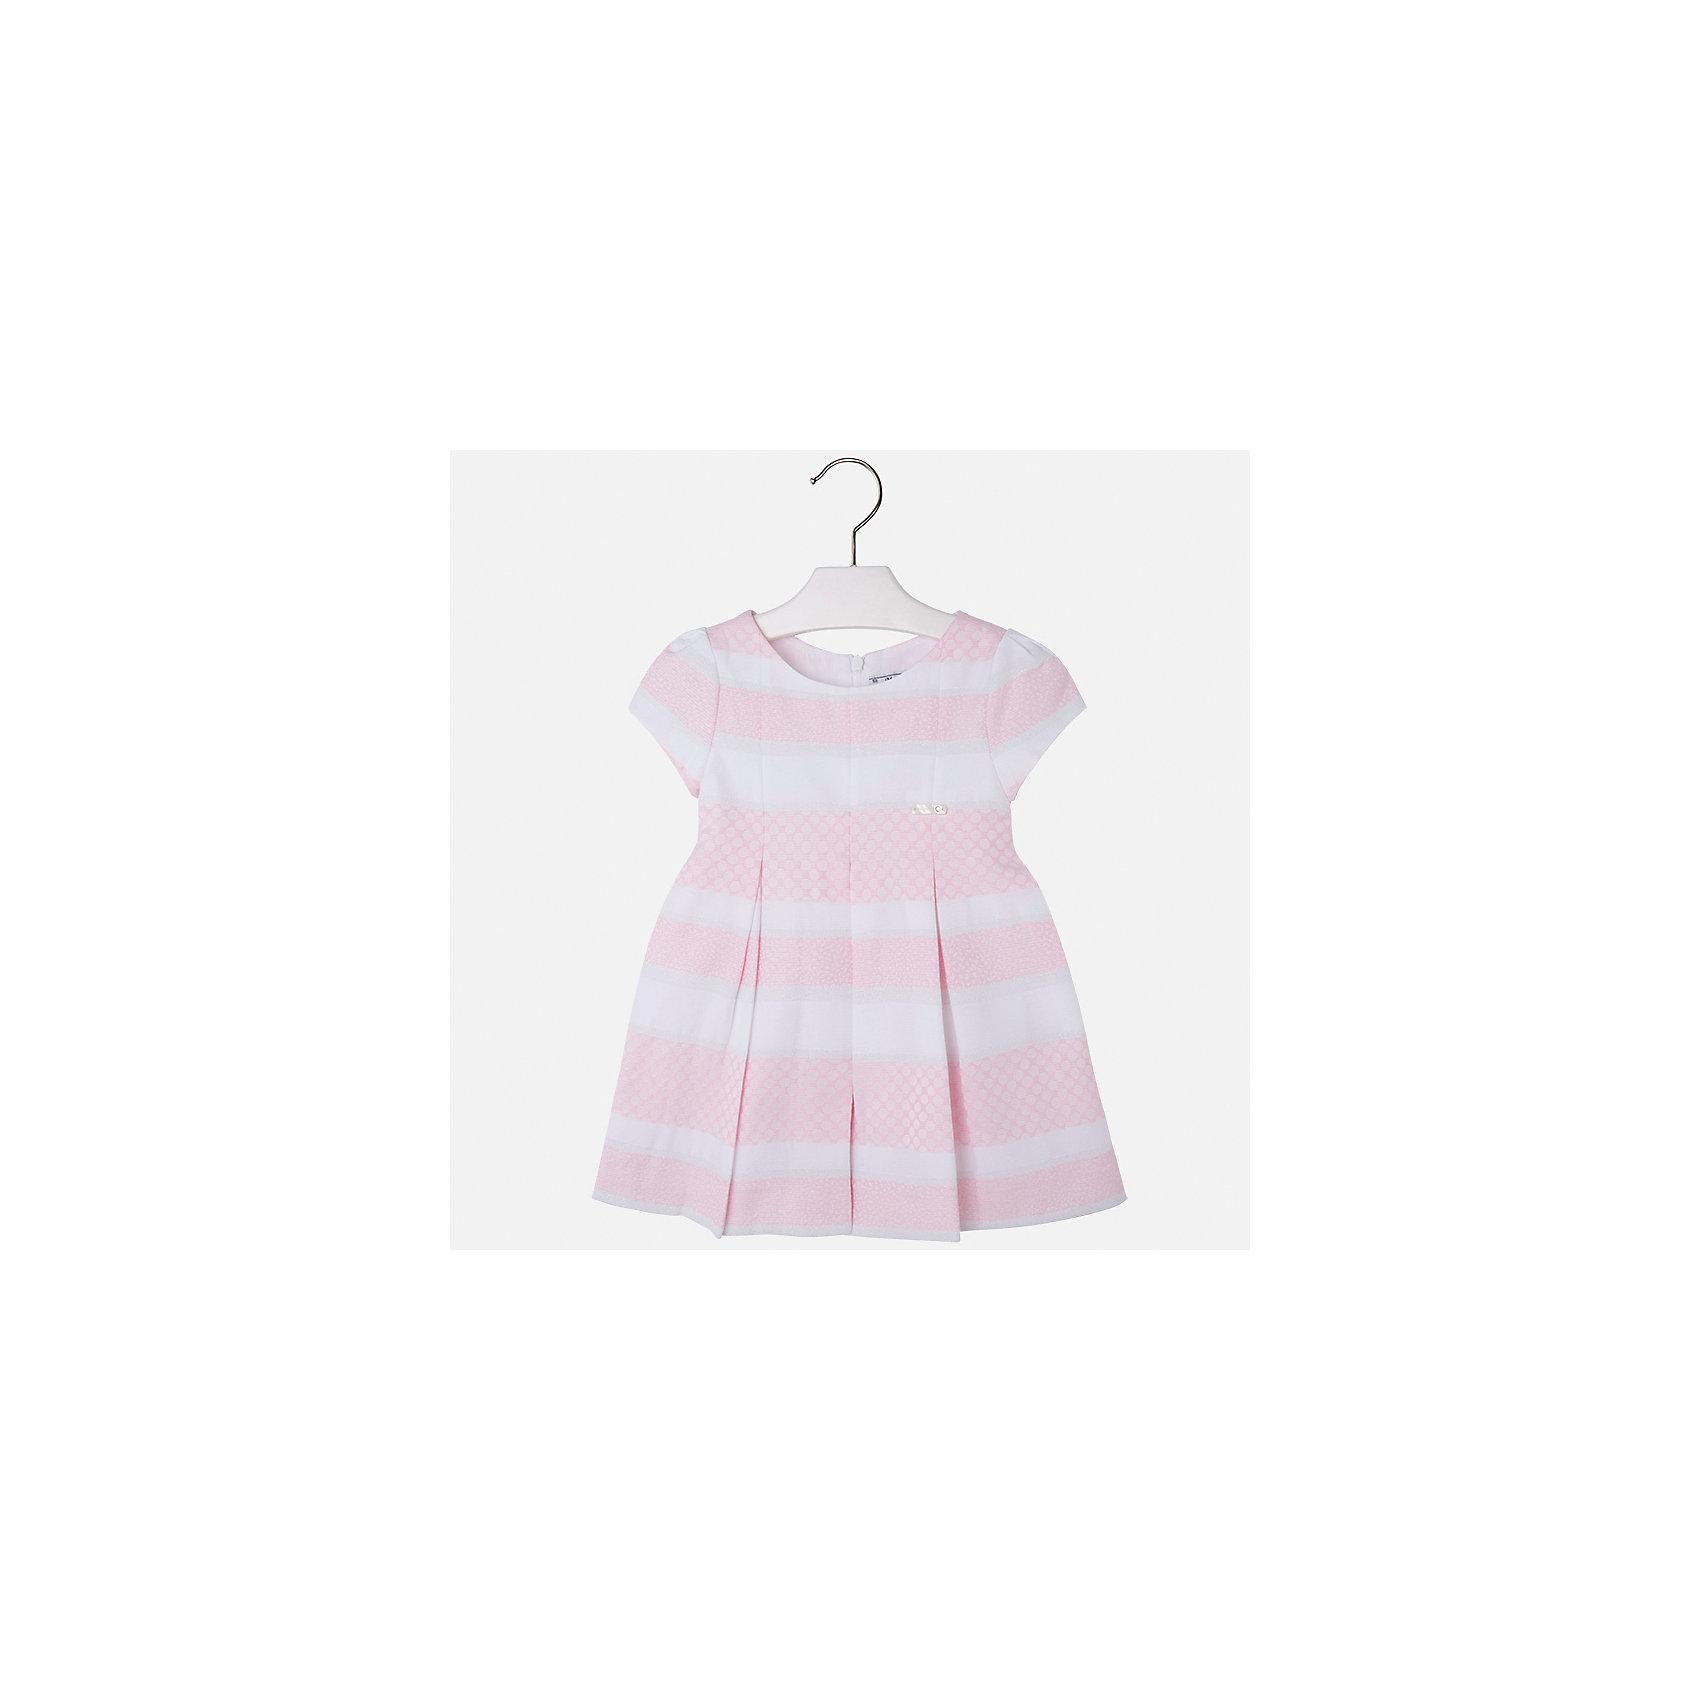 Платье для девочки MayoralПолоска<br>Характеристики товара:<br><br>• цвет: розовый/белый<br>• состав: 51% полиэстер, 48% хлопок, 1% металлическая нить, подкладка - 50% полиэстер, 50% хлопок<br>• застежка: молния<br>• складки<br>• украшено бантом<br>• короткие рукава<br>• с подкладкой<br>• страна бренда: Испания<br><br>Красивое легкое платье для девочки поможет разнообразить гардероб ребенка и создать эффектный наряд. Оно подойдет и для торжественных случаев, может быть и как ежедневный наряд. Красивый оттенок позволяет подобрать к вещи обувь разных расцветок. В составе материала - натуральный хлопок, гипоаллергенный, приятный на ощупь, дышащий. Платье хорошо сидит по фигуре.<br><br>Одежда, обувь и аксессуары от испанского бренда Mayoral полюбились детям и взрослым по всему миру. Модели этой марки - стильные и удобные. Для их производства используются только безопасные, качественные материалы и фурнитура. Порадуйте ребенка модными и красивыми вещами от Mayoral! <br><br>Платье для девочки от испанского бренда Mayoral (Майорал) можно купить в нашем интернет-магазине.<br><br>Ширина мм: 236<br>Глубина мм: 16<br>Высота мм: 184<br>Вес г: 177<br>Цвет: розовый<br>Возраст от месяцев: 96<br>Возраст до месяцев: 108<br>Пол: Женский<br>Возраст: Детский<br>Размер: 134,92,98,104,110,116,122,128<br>SKU: 5290955